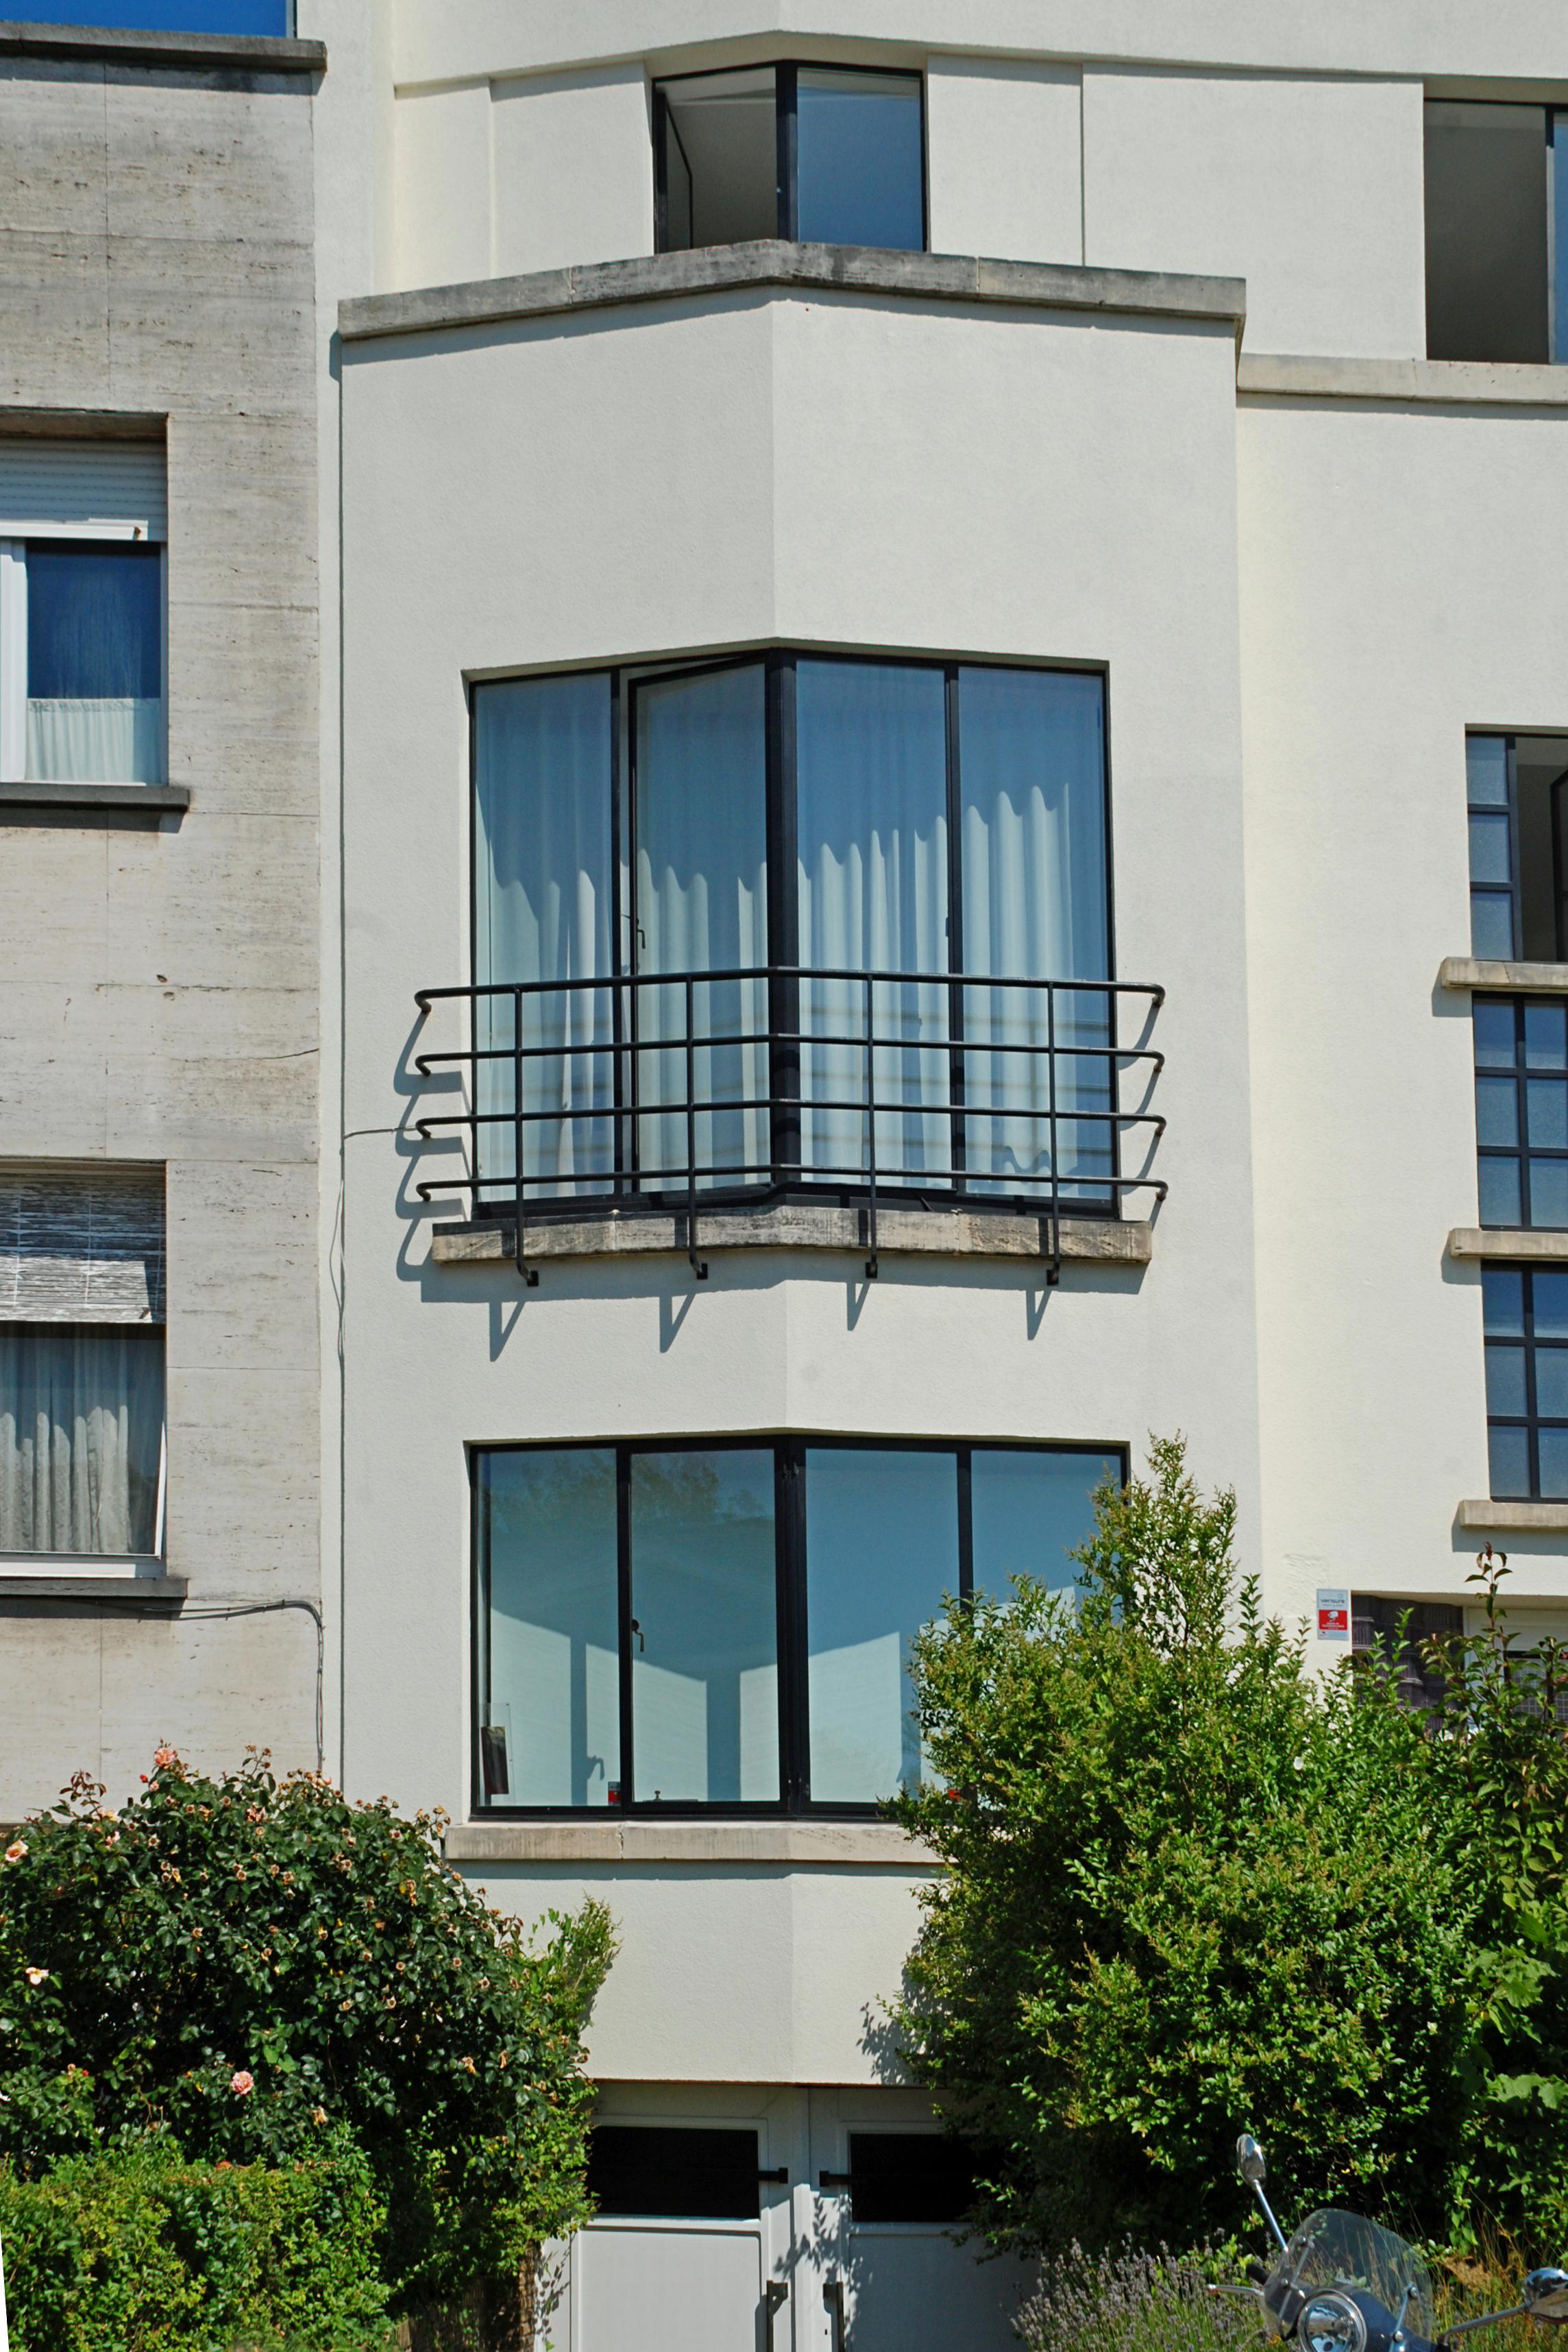 File:Belgique - Bruxelles - Maison Borin - 03.jpg ...